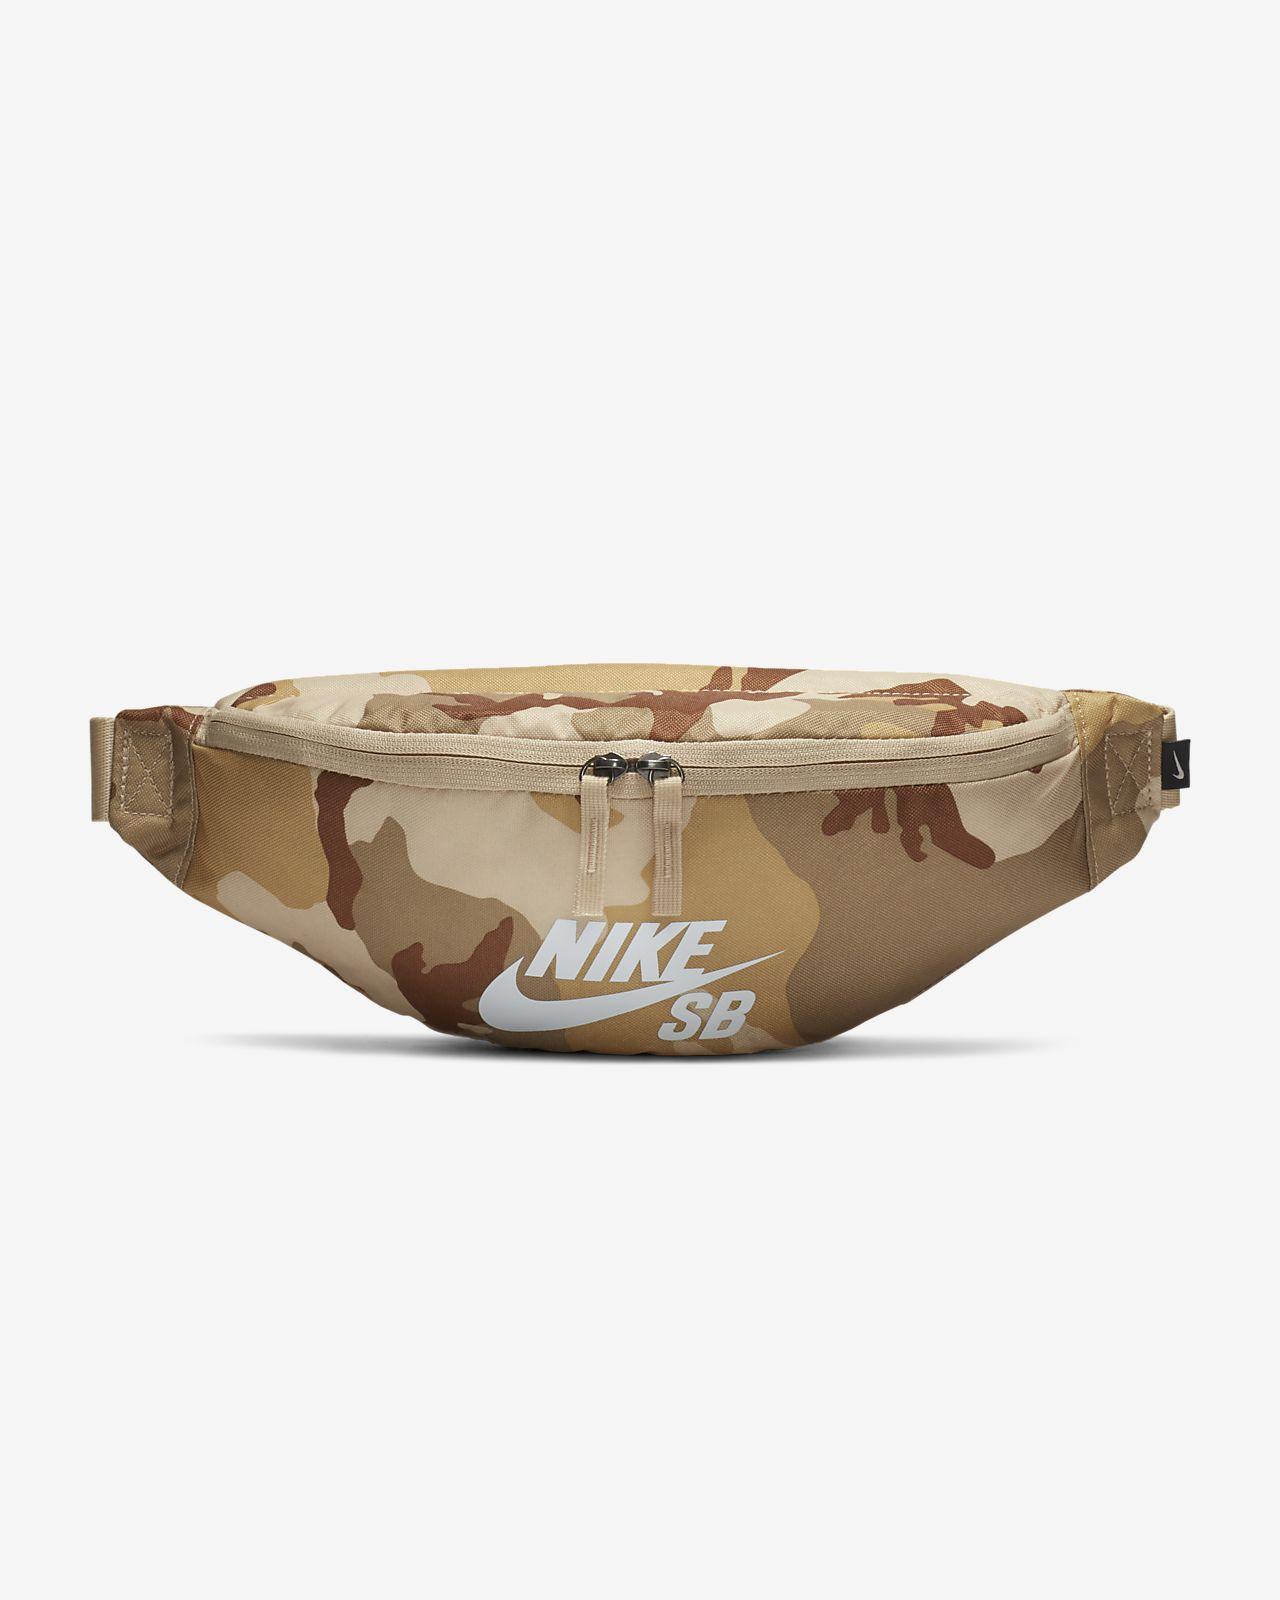 Nike SB Heritage Gürteltasche mit Skate-Print (kleine Gegenstände)